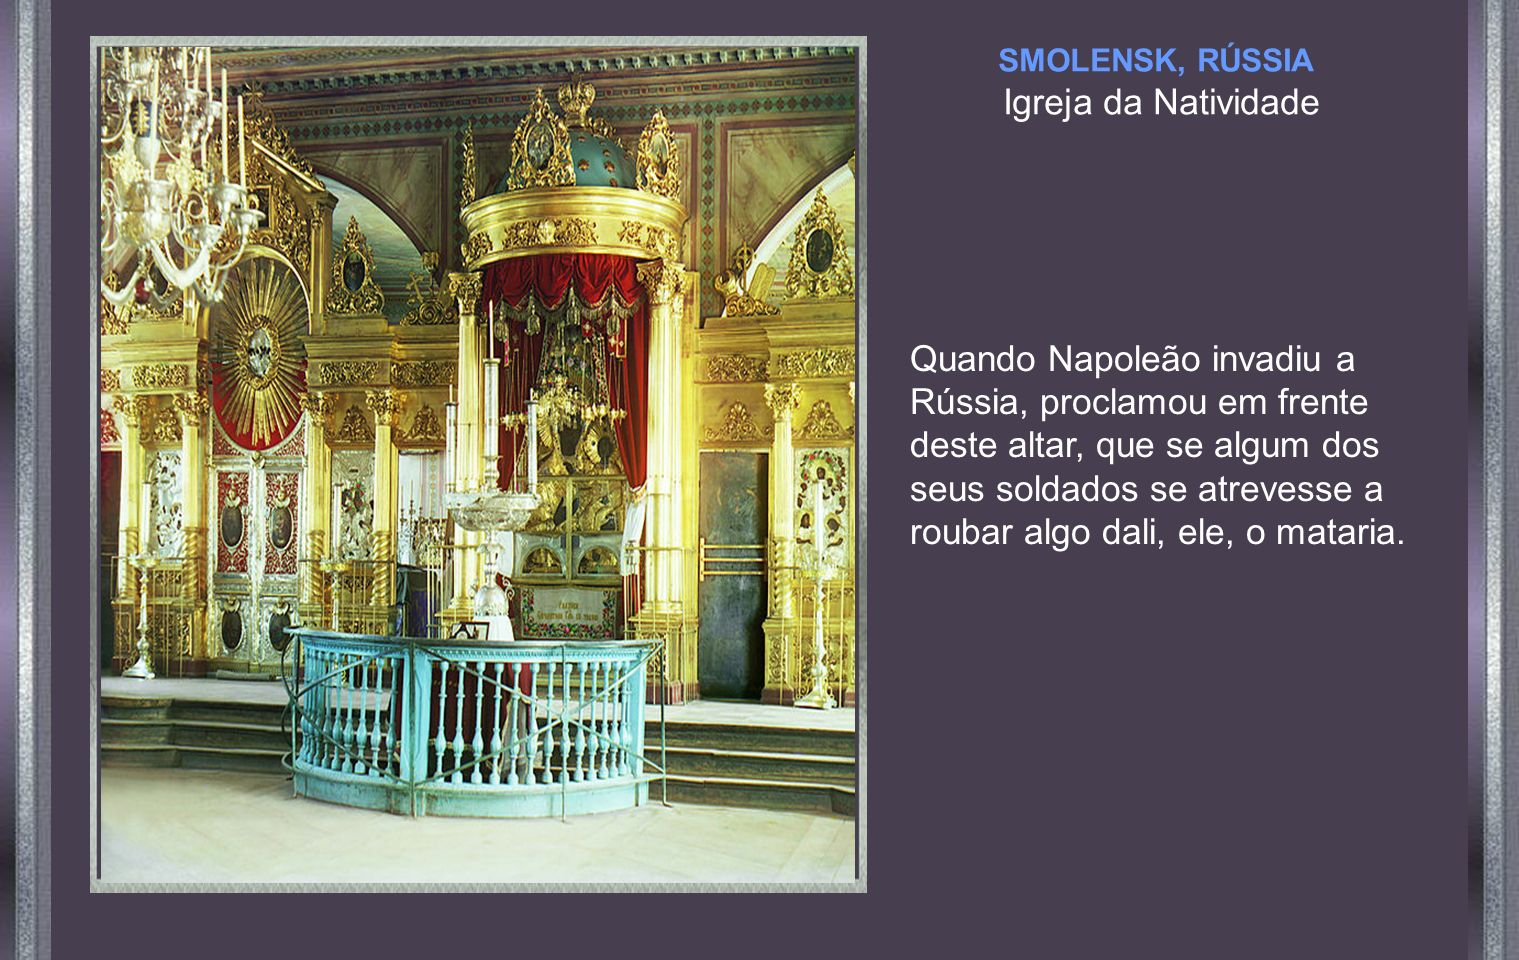 SMOLENSK, RÚSSIA Igreja da Natividade.